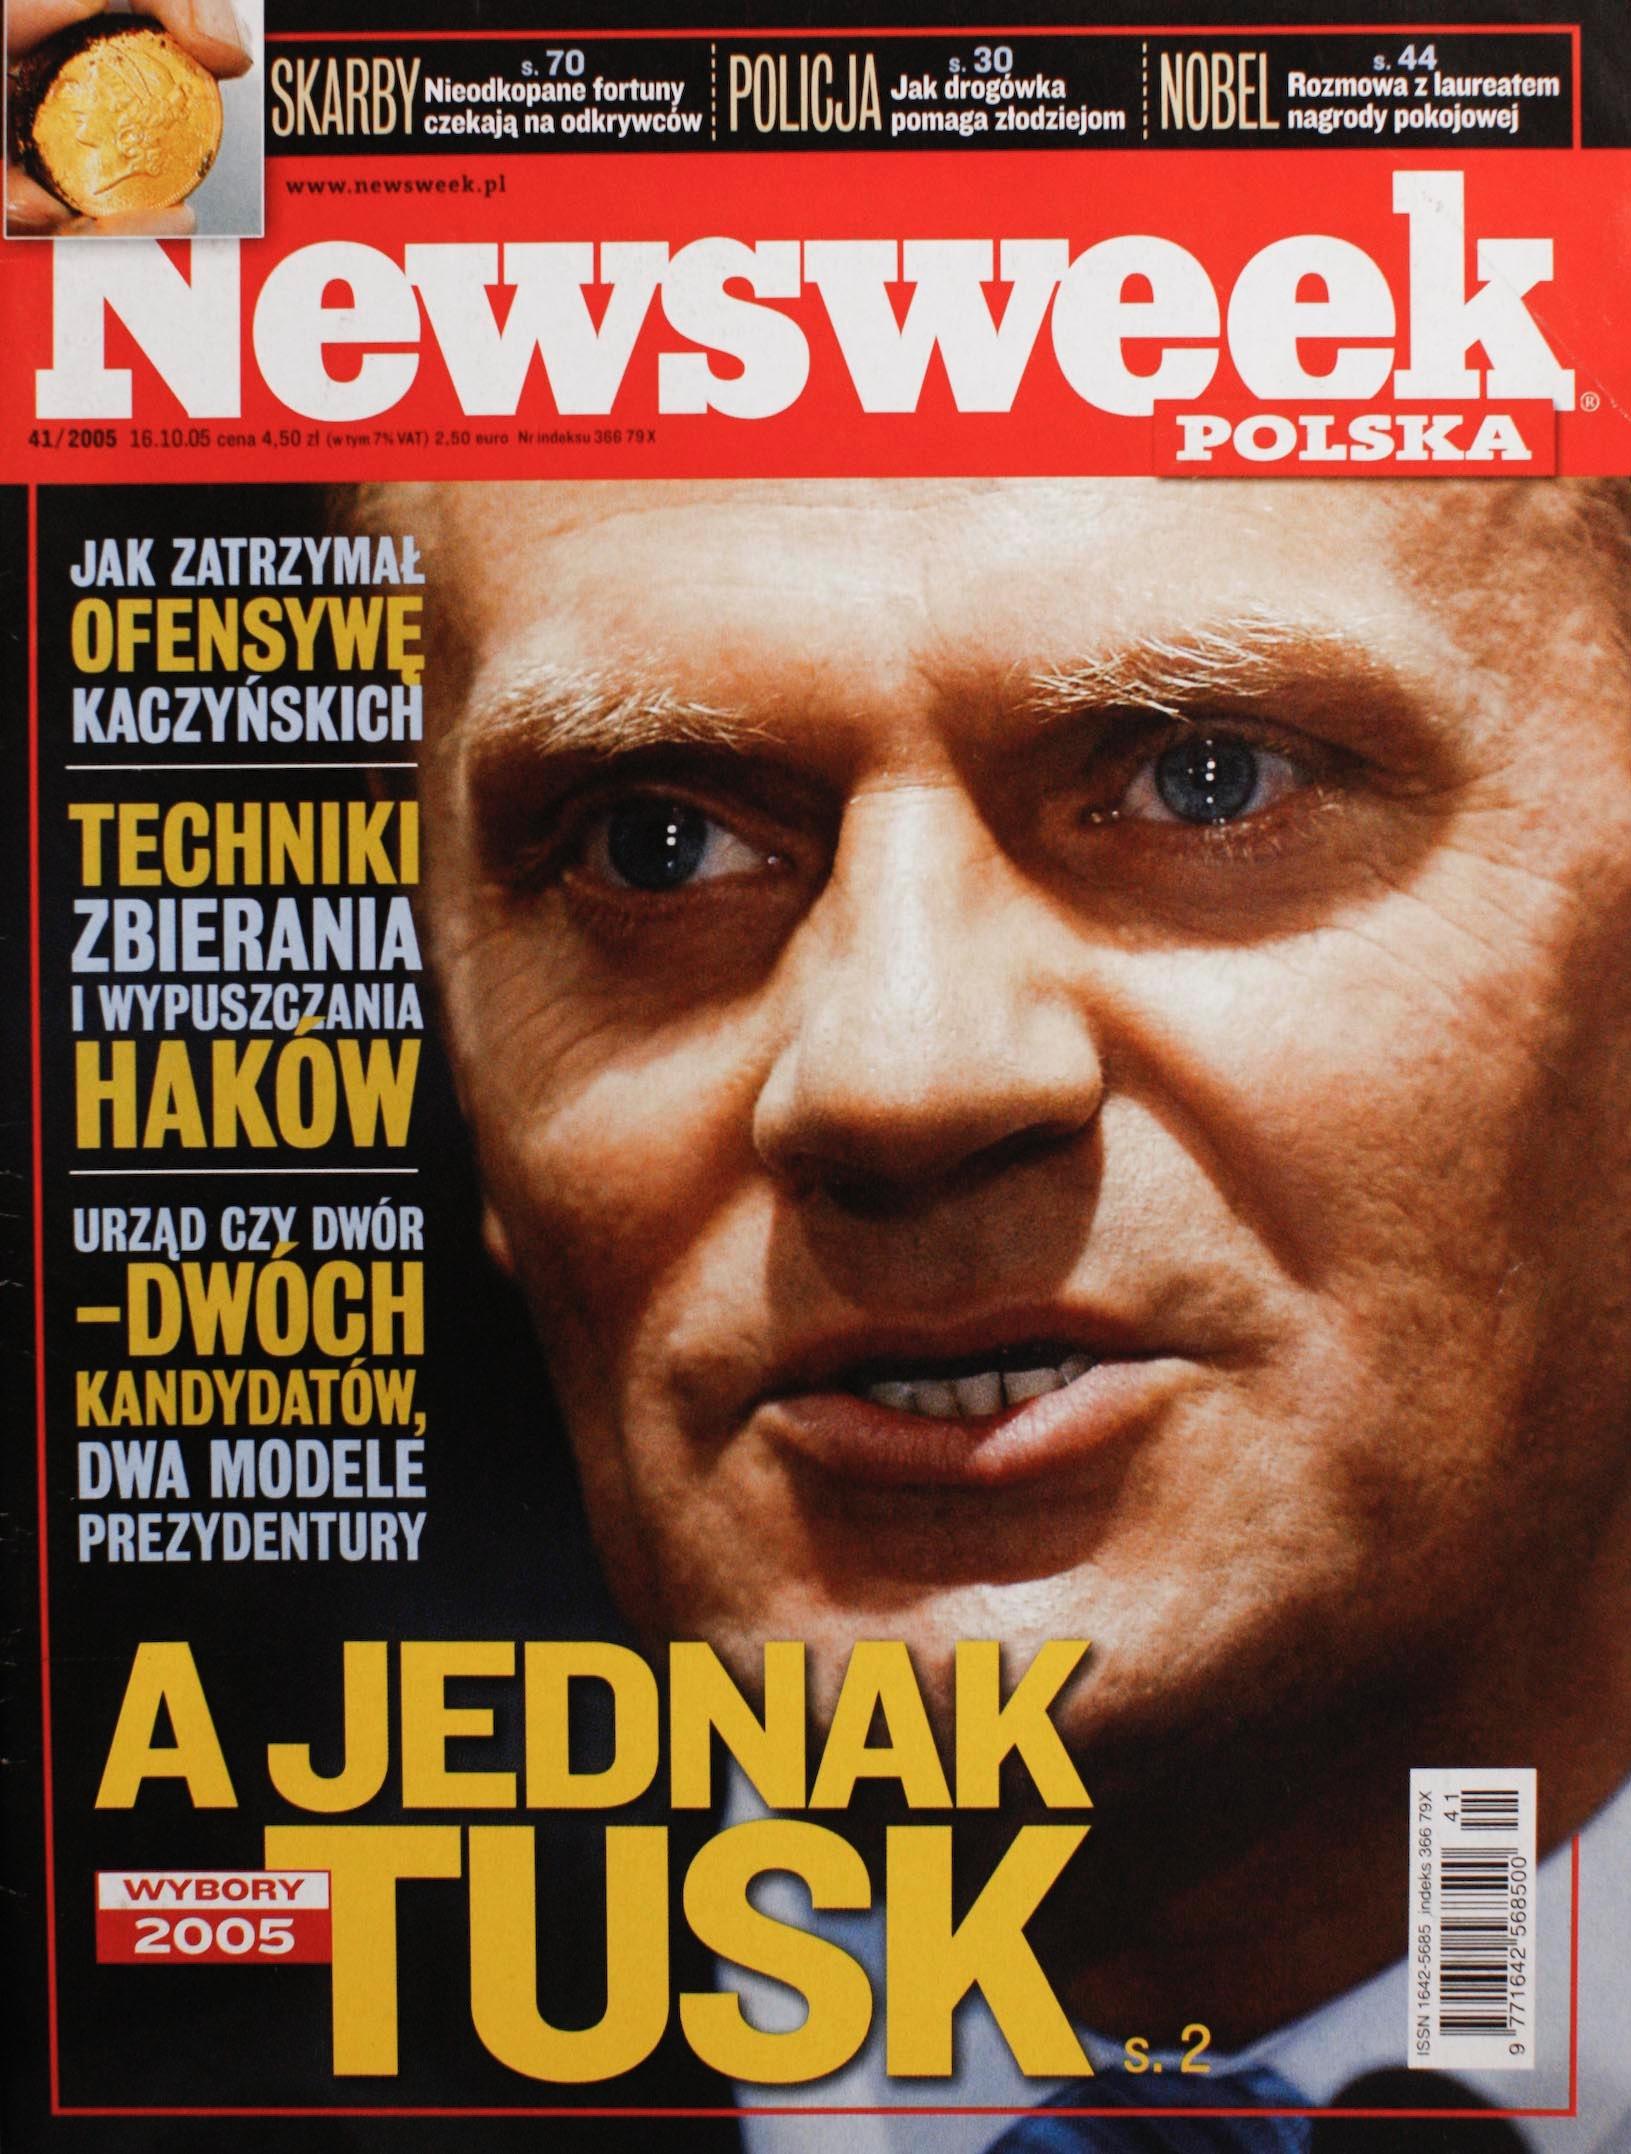 NEWSWEEK 41/2005